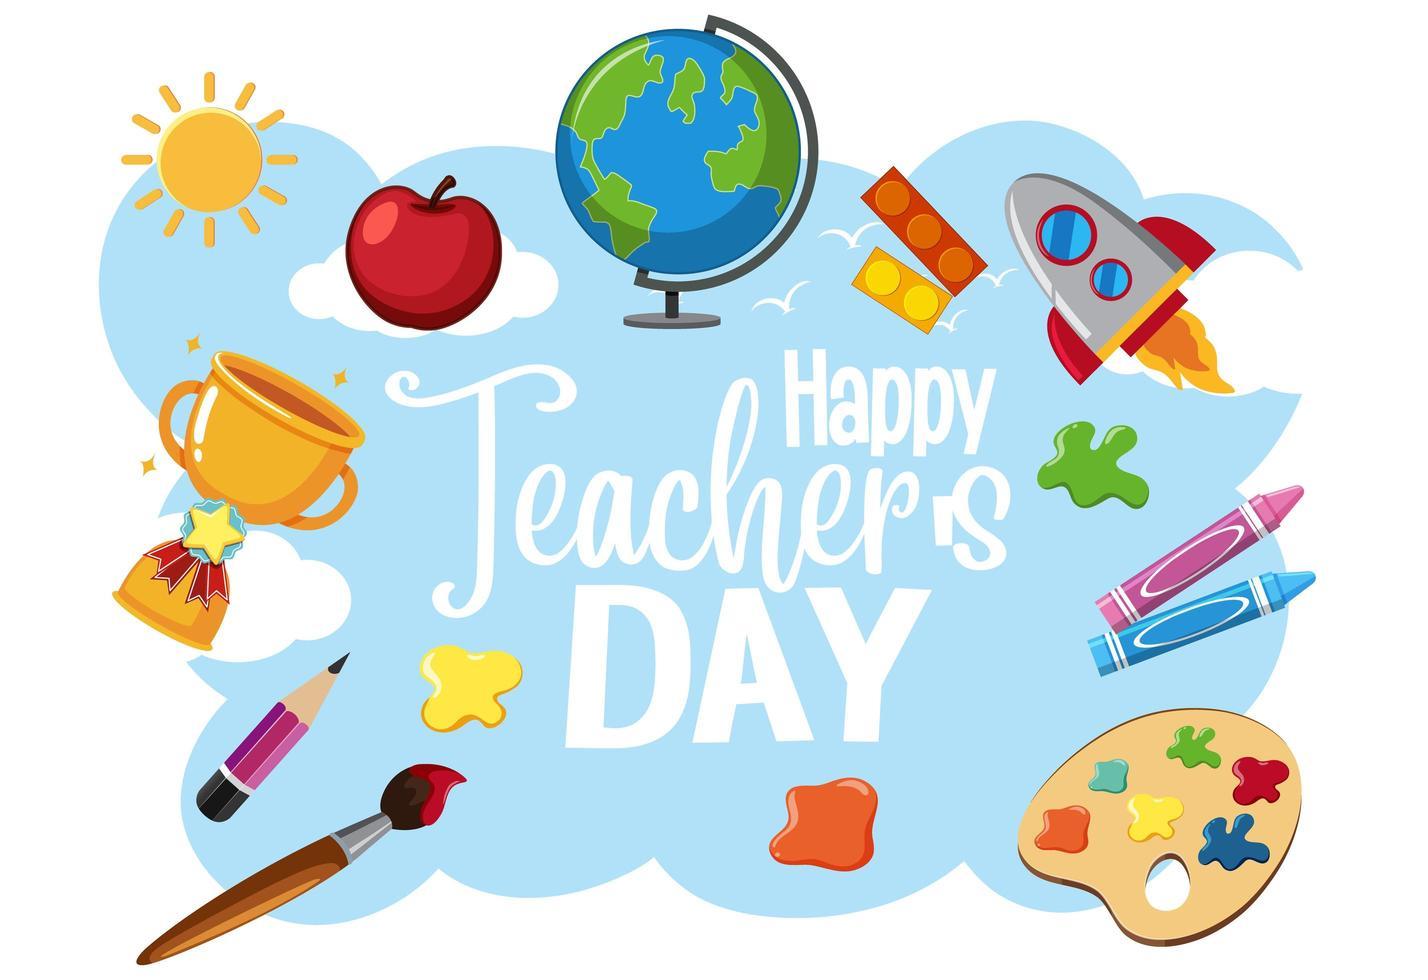 glad världslärares dagslogotyp med studentartiklar vektor